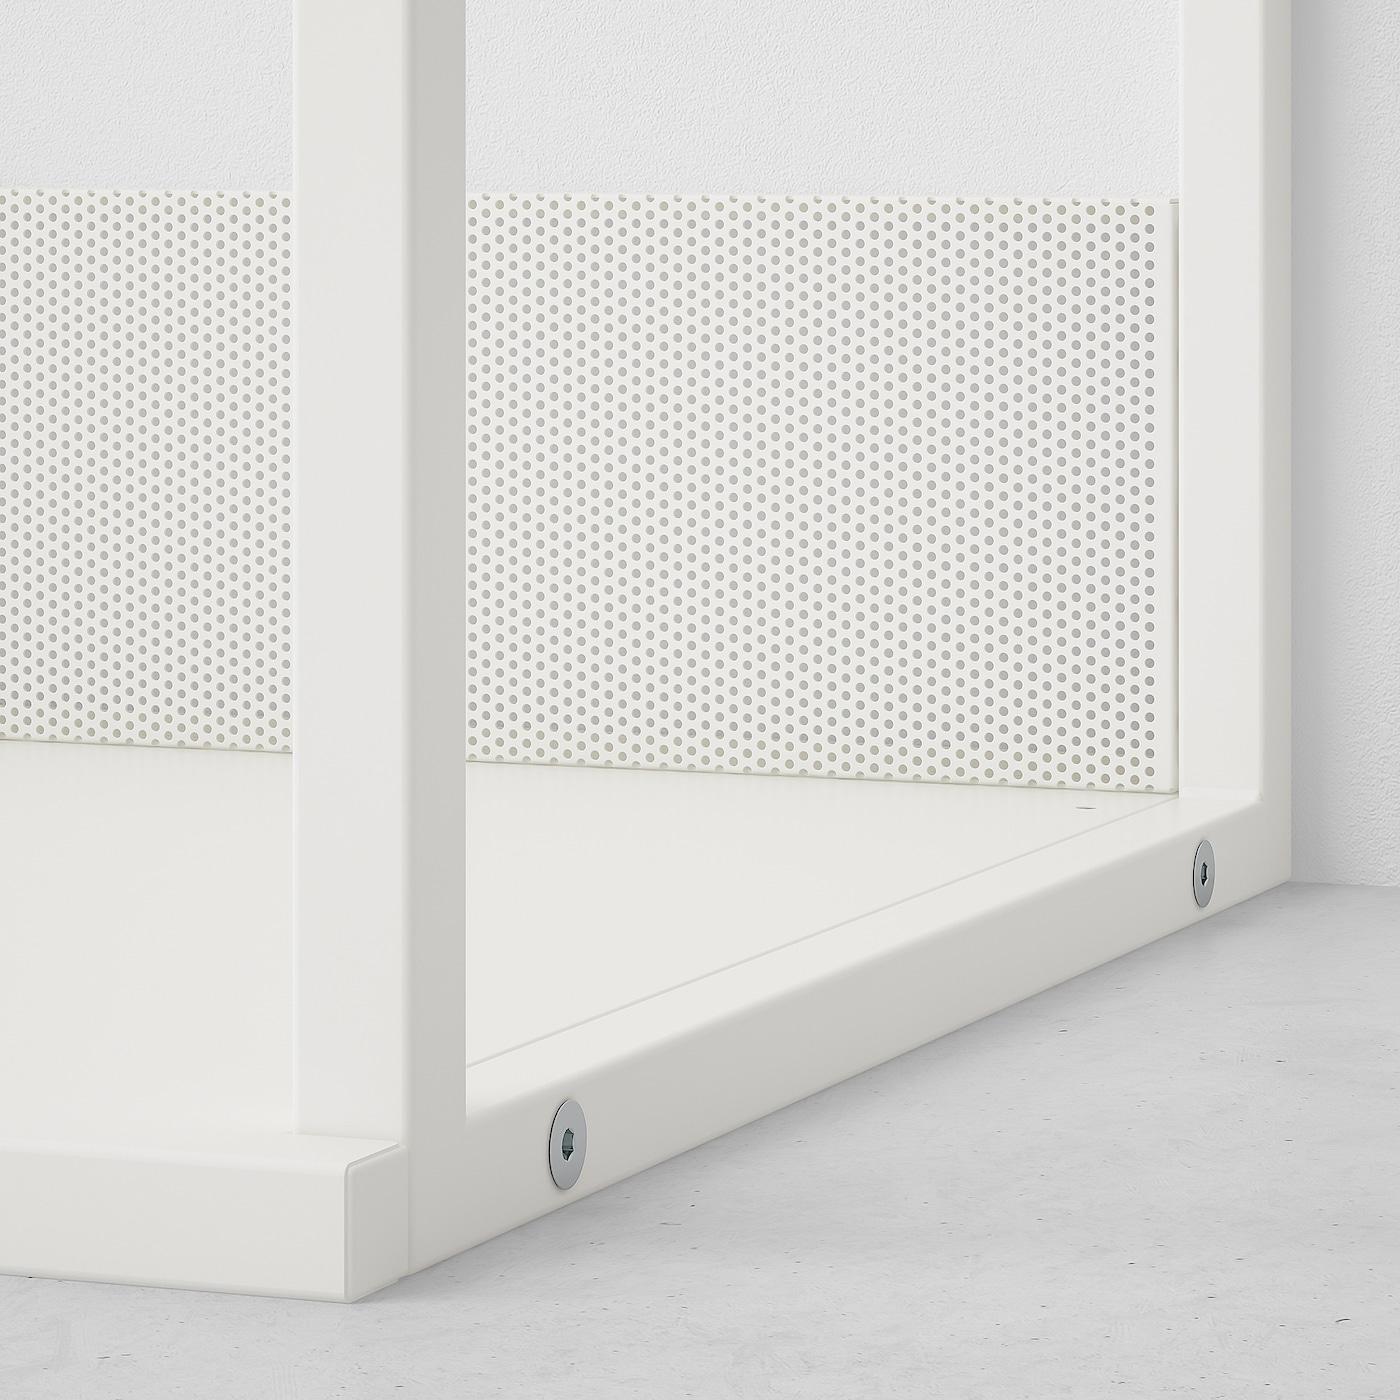 PLATSA open element voor schoenen opbergen wit 40 cm 80 cm 120 cm